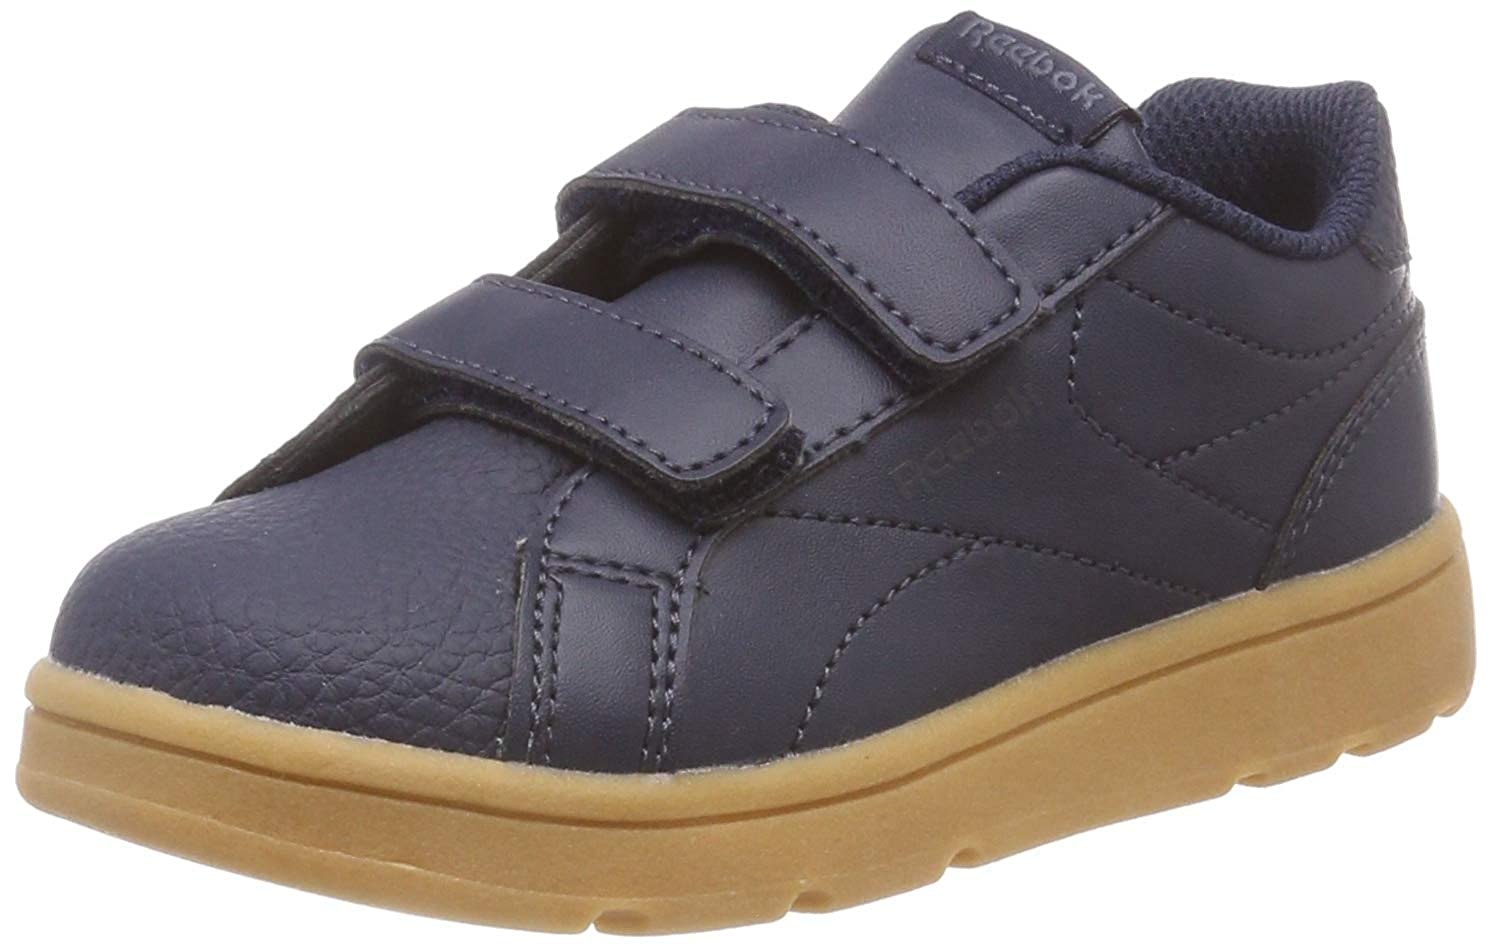 Reebok Royal Comp CLN 2v, Zapatillas de Deporte para Niñ os Zapatillas de Deporte para Niños CN4801